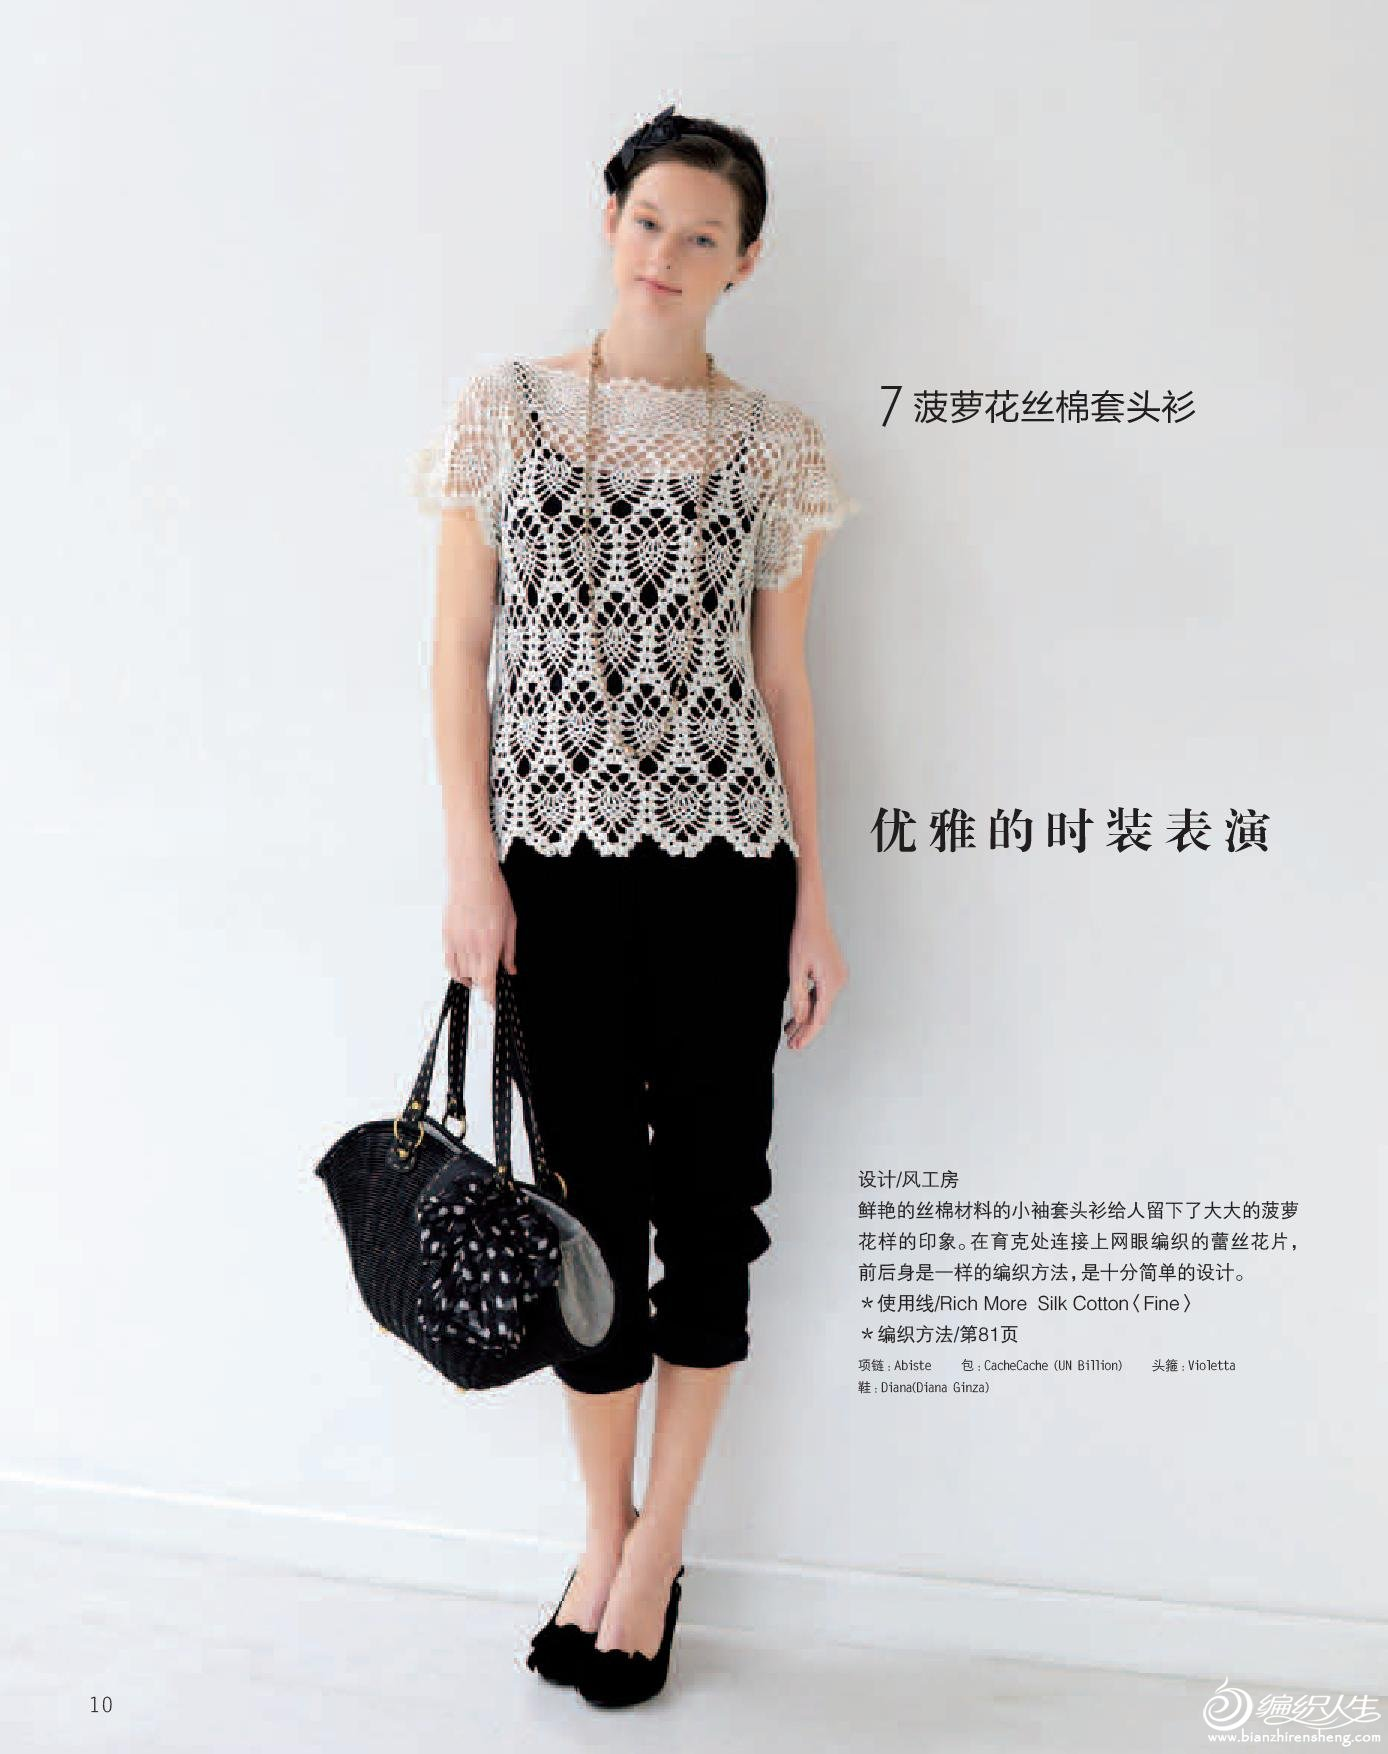 世界编织1 蕾丝编织的美丽世界-10.jpg